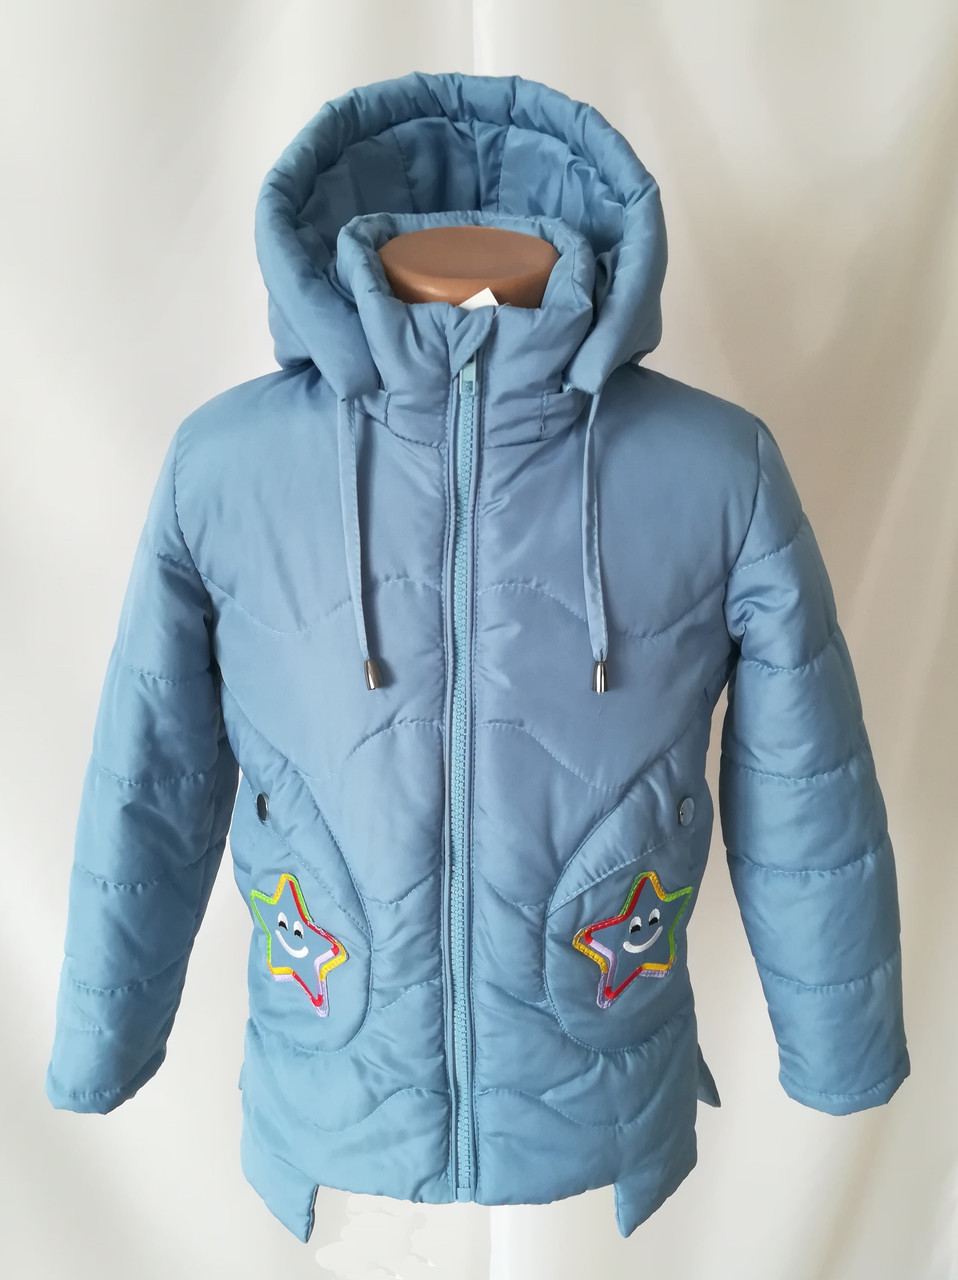 Детские куртки для девочек интернет магазин 20-28